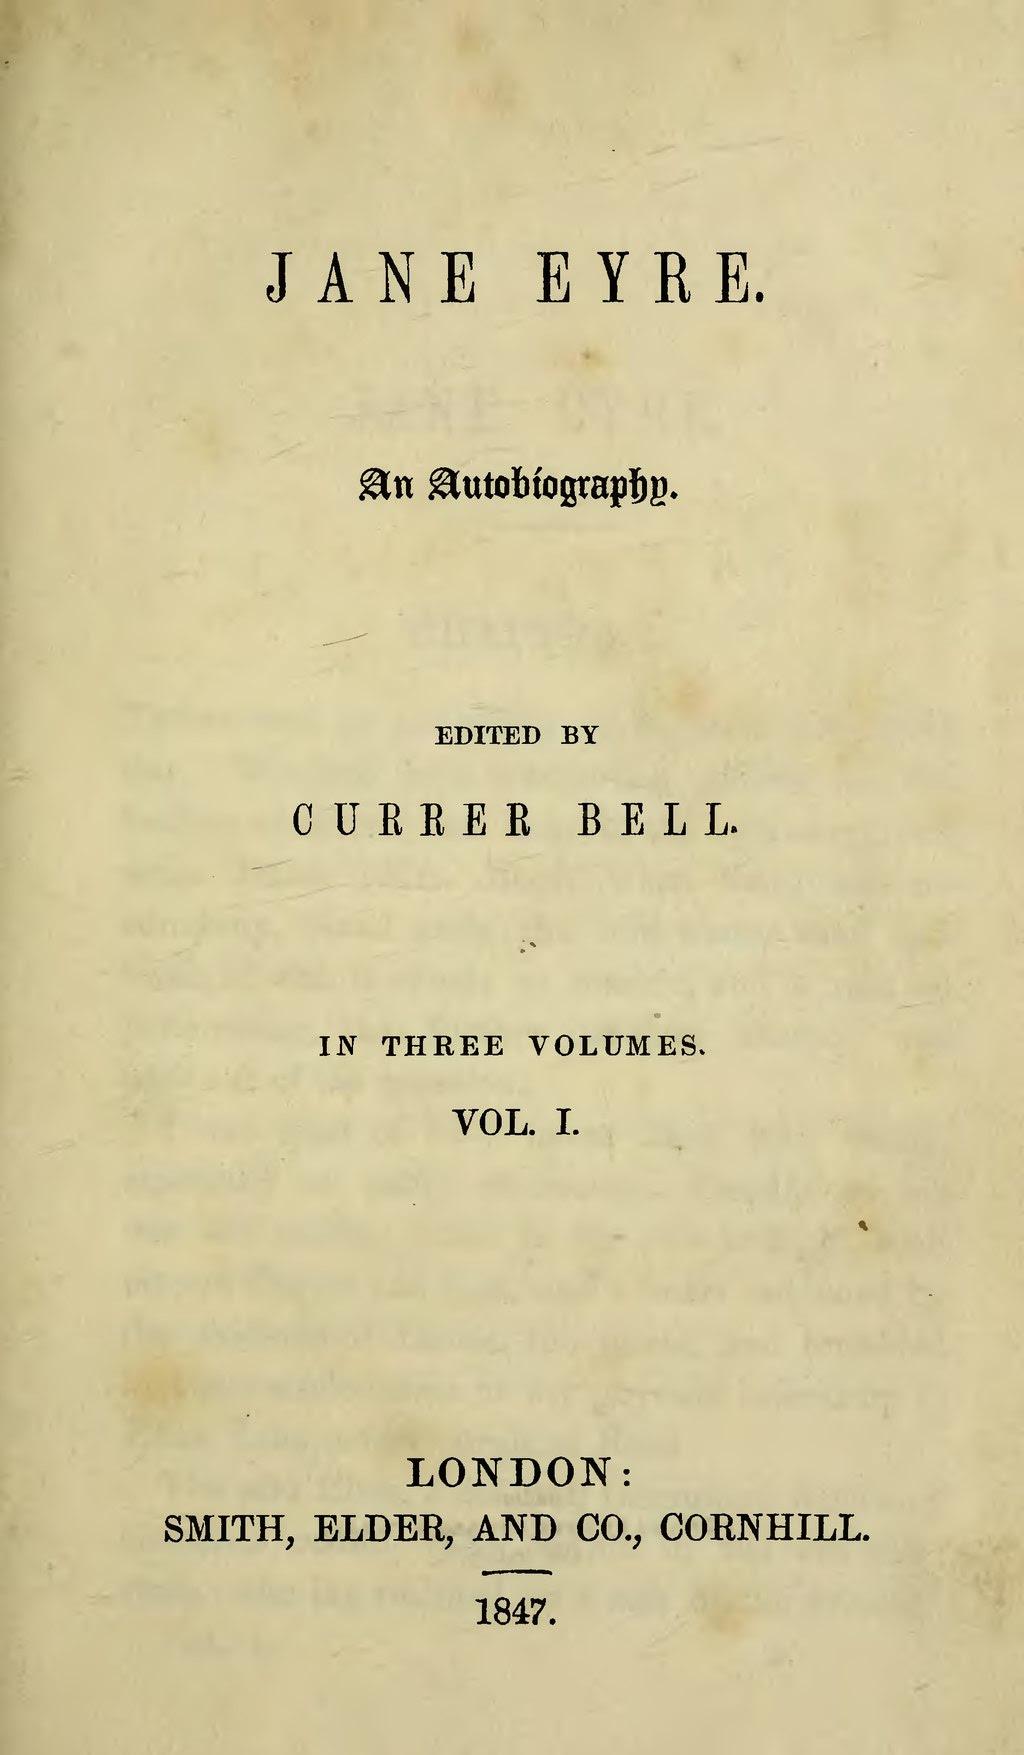 Ficheiro:Jane Eyre title page.jpg